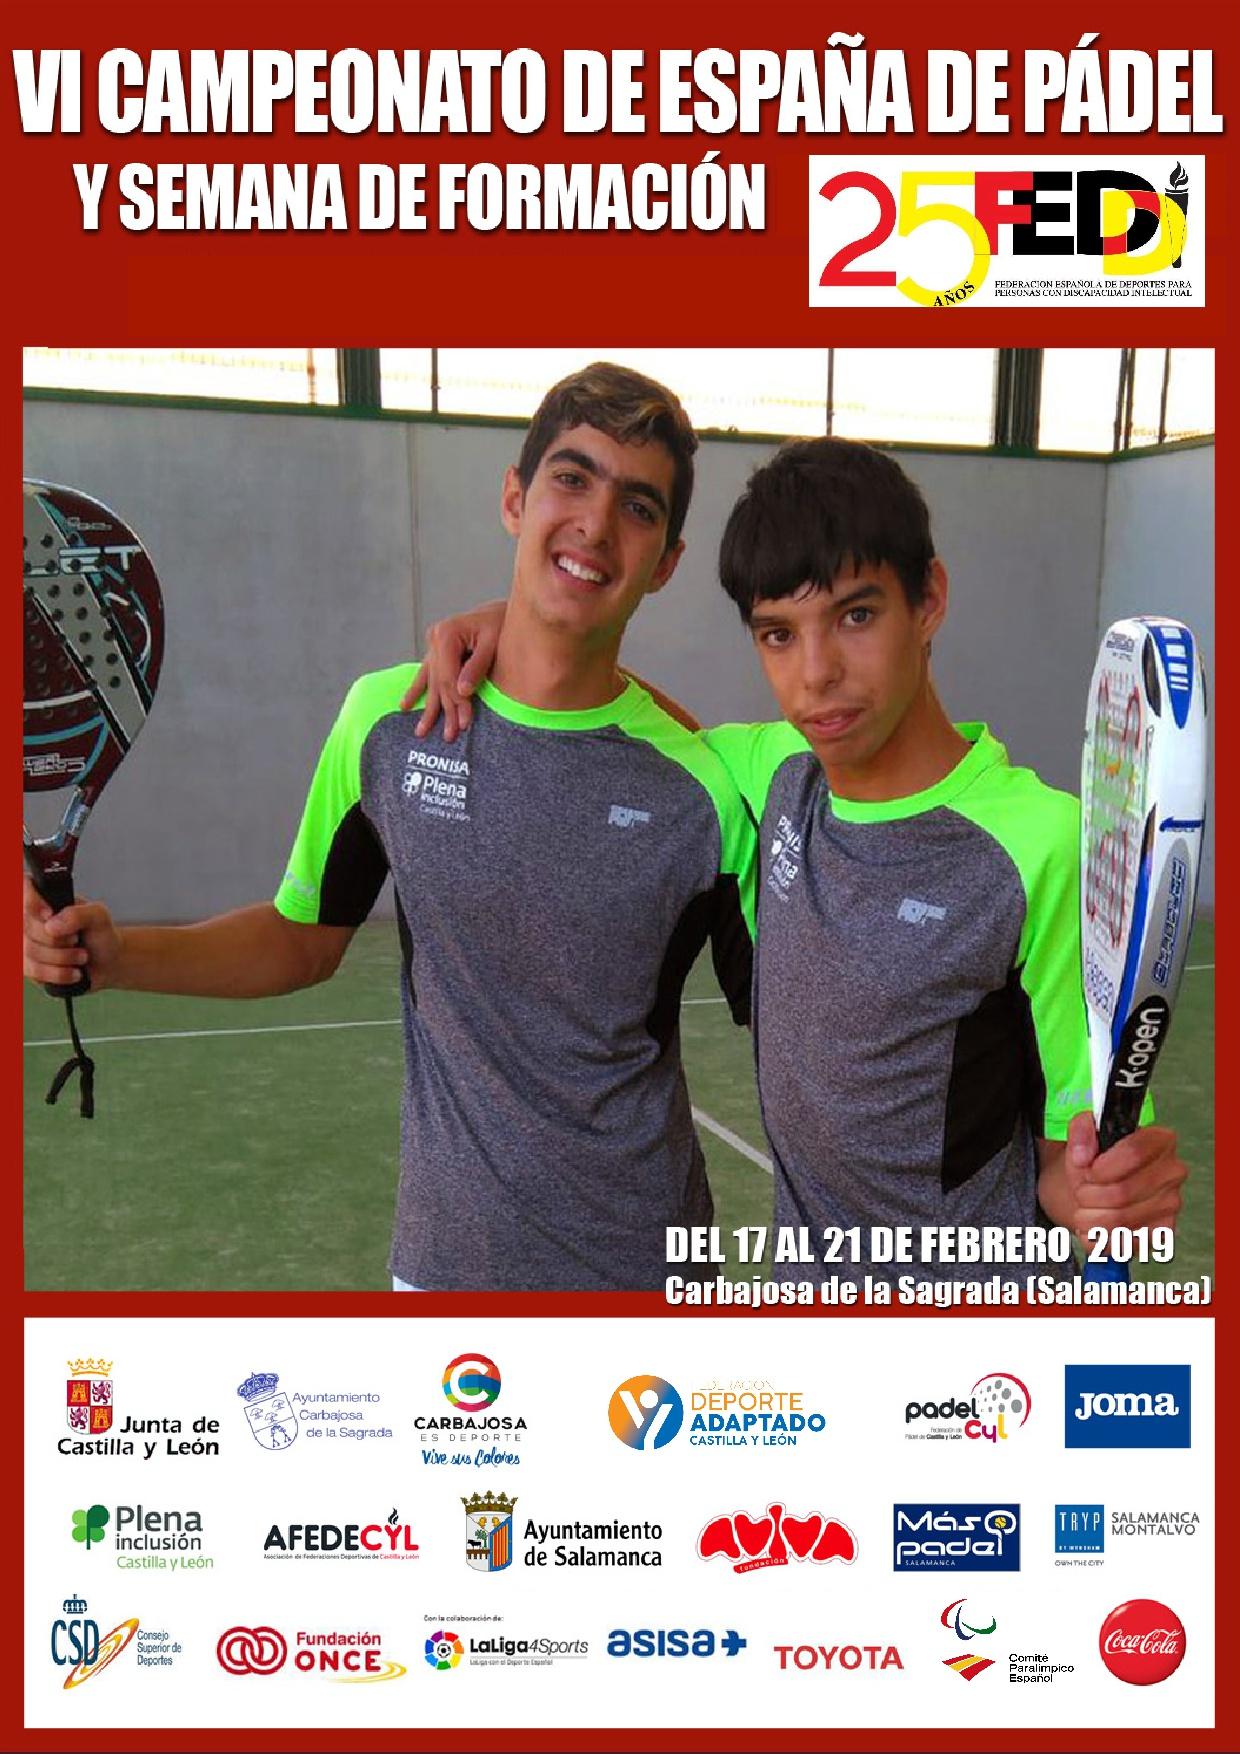 Campeonato de España de Pádel FEDDI